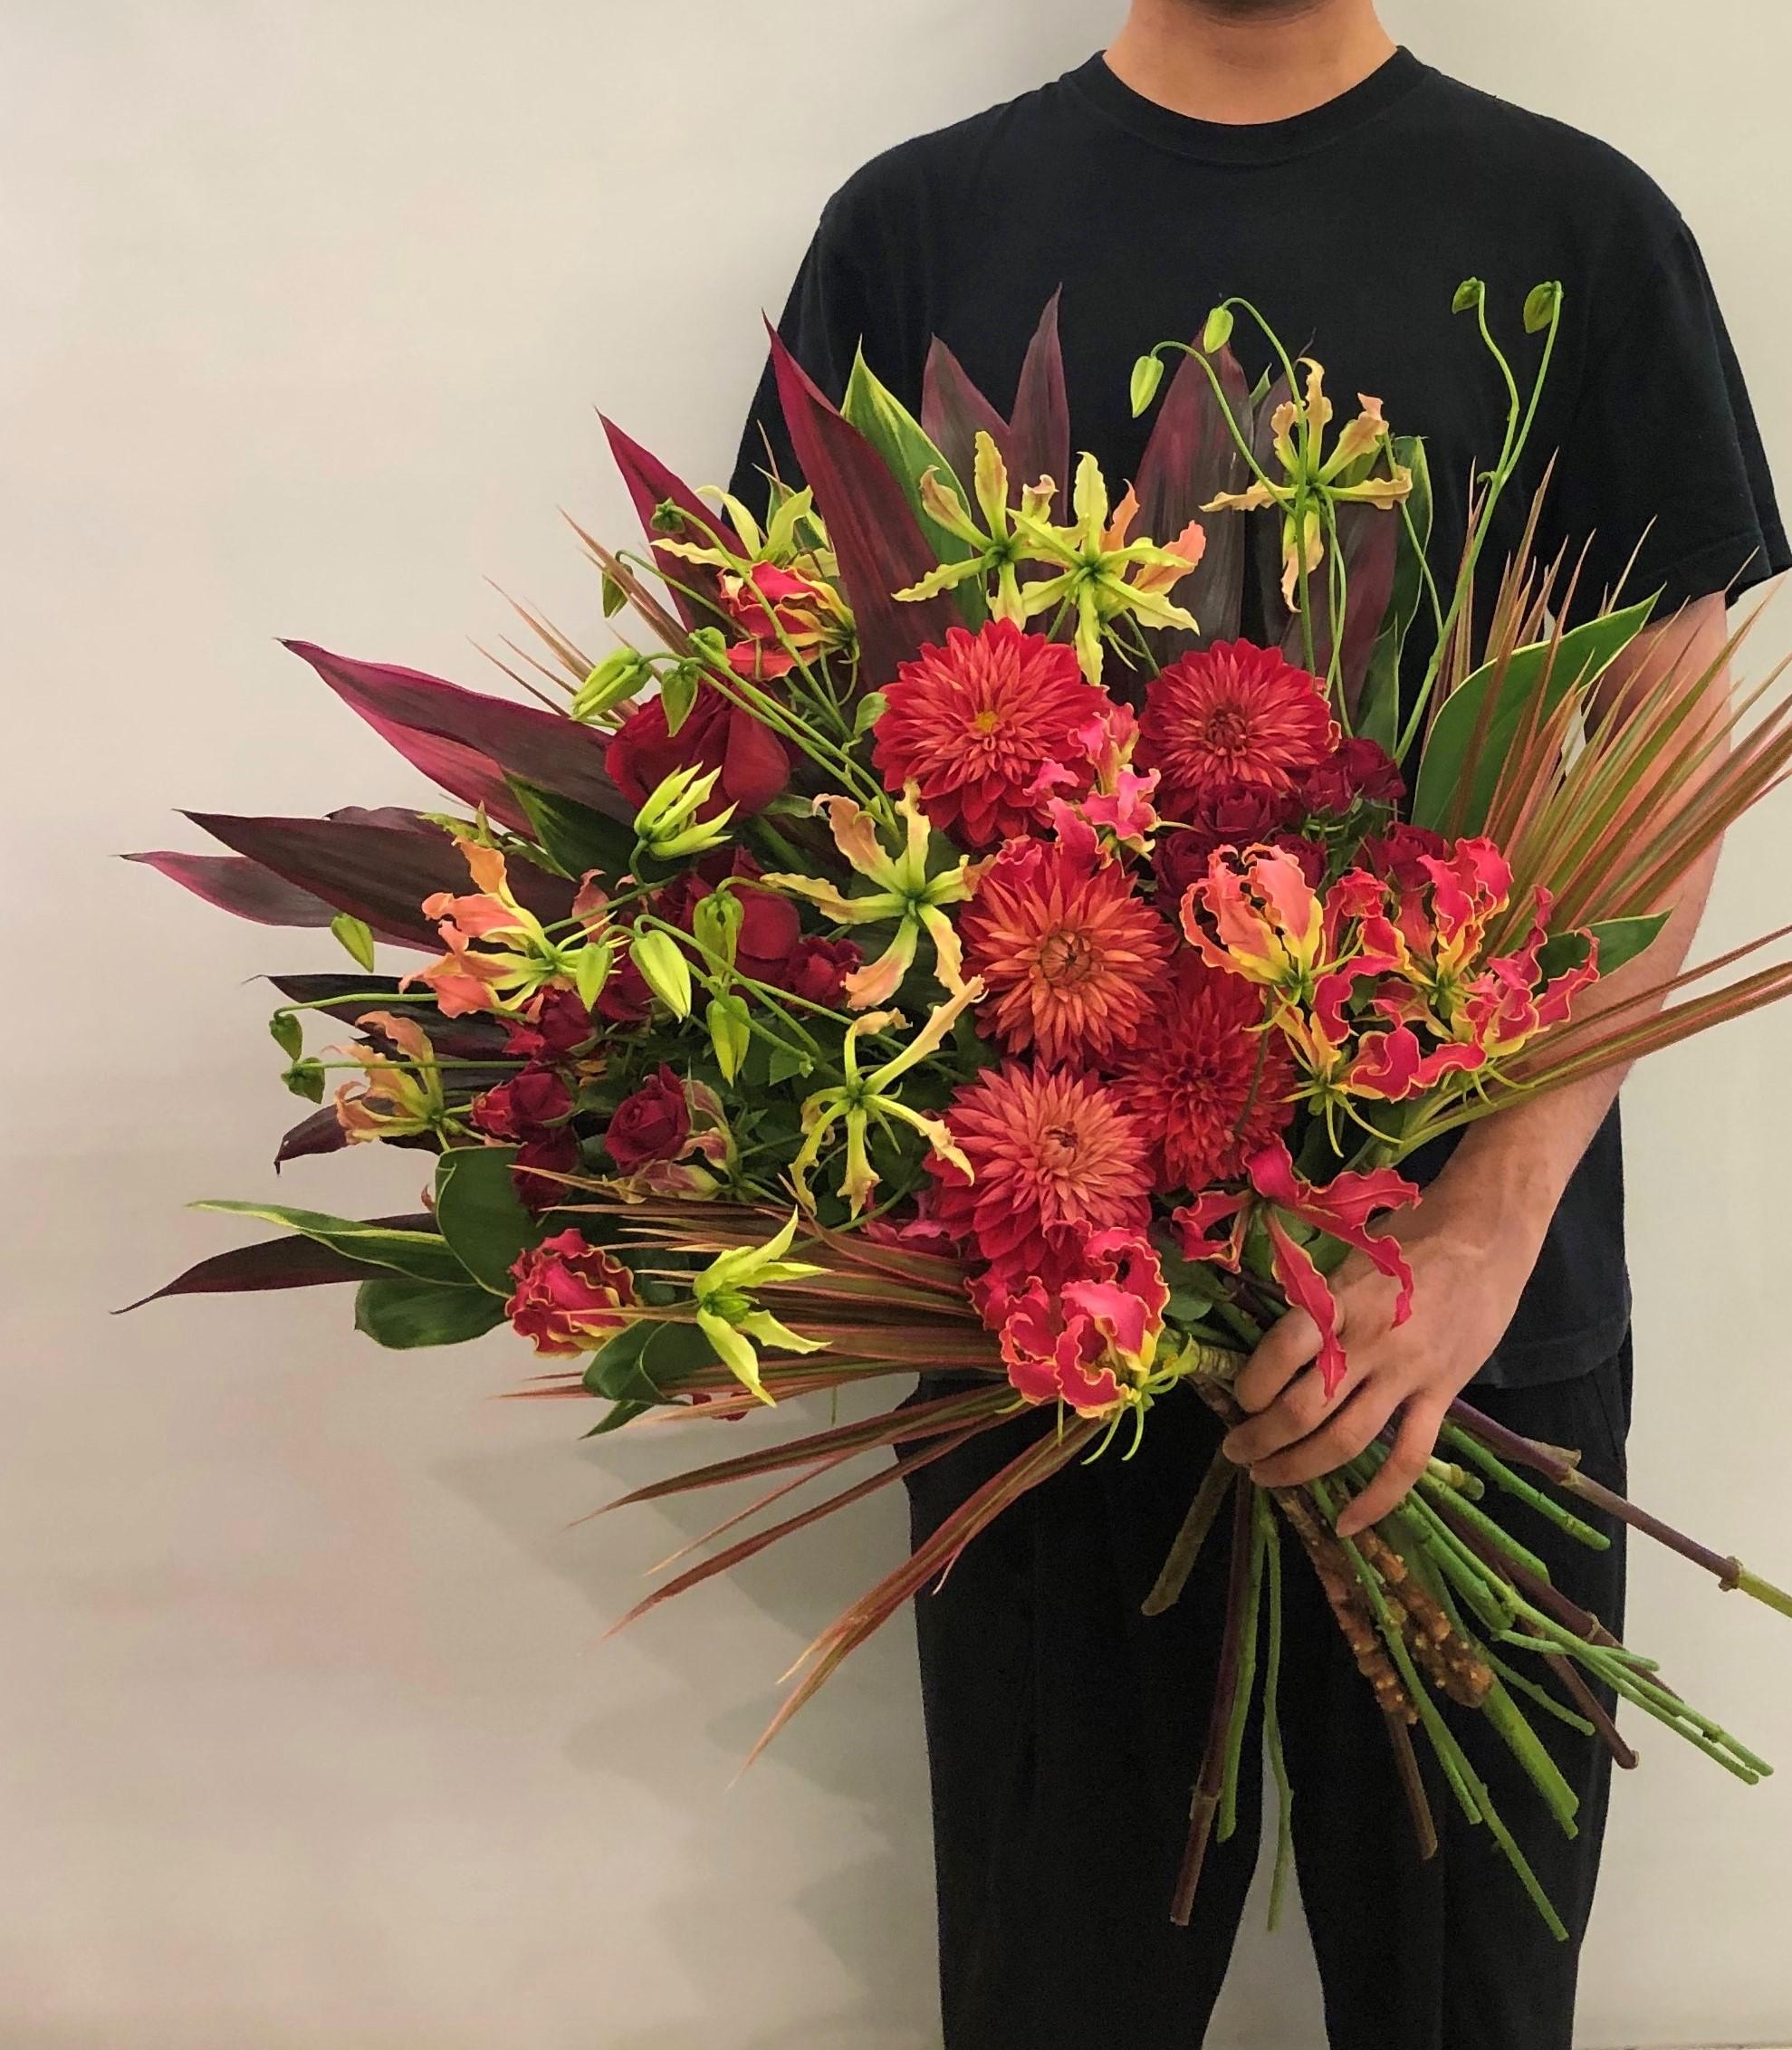 横浜市庁舎へ花束を即日当日配達させていただきました。【横浜花屋の花束・スタンド花・胡蝶蘭・バルーン・アレンジメント配達事例682】